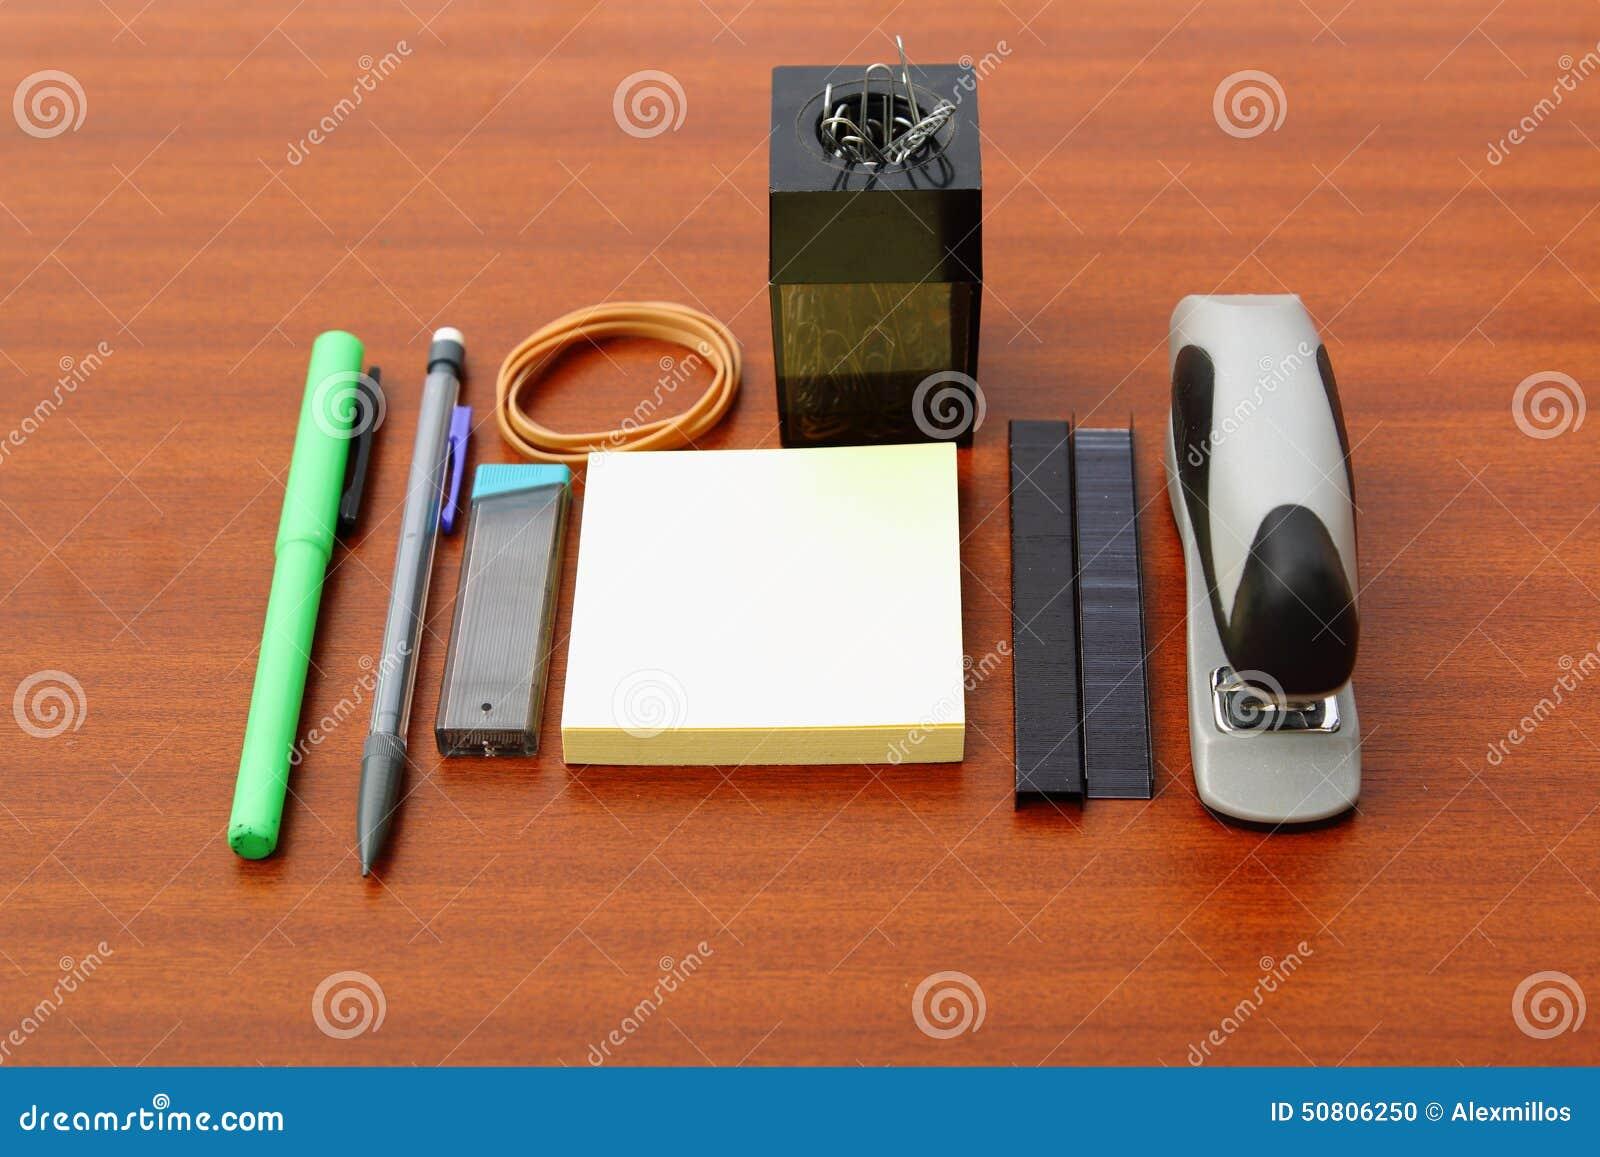 bureau et outils au dessus d 39 une table brune photo stock image du soign agrafeuse 50806250. Black Bedroom Furniture Sets. Home Design Ideas